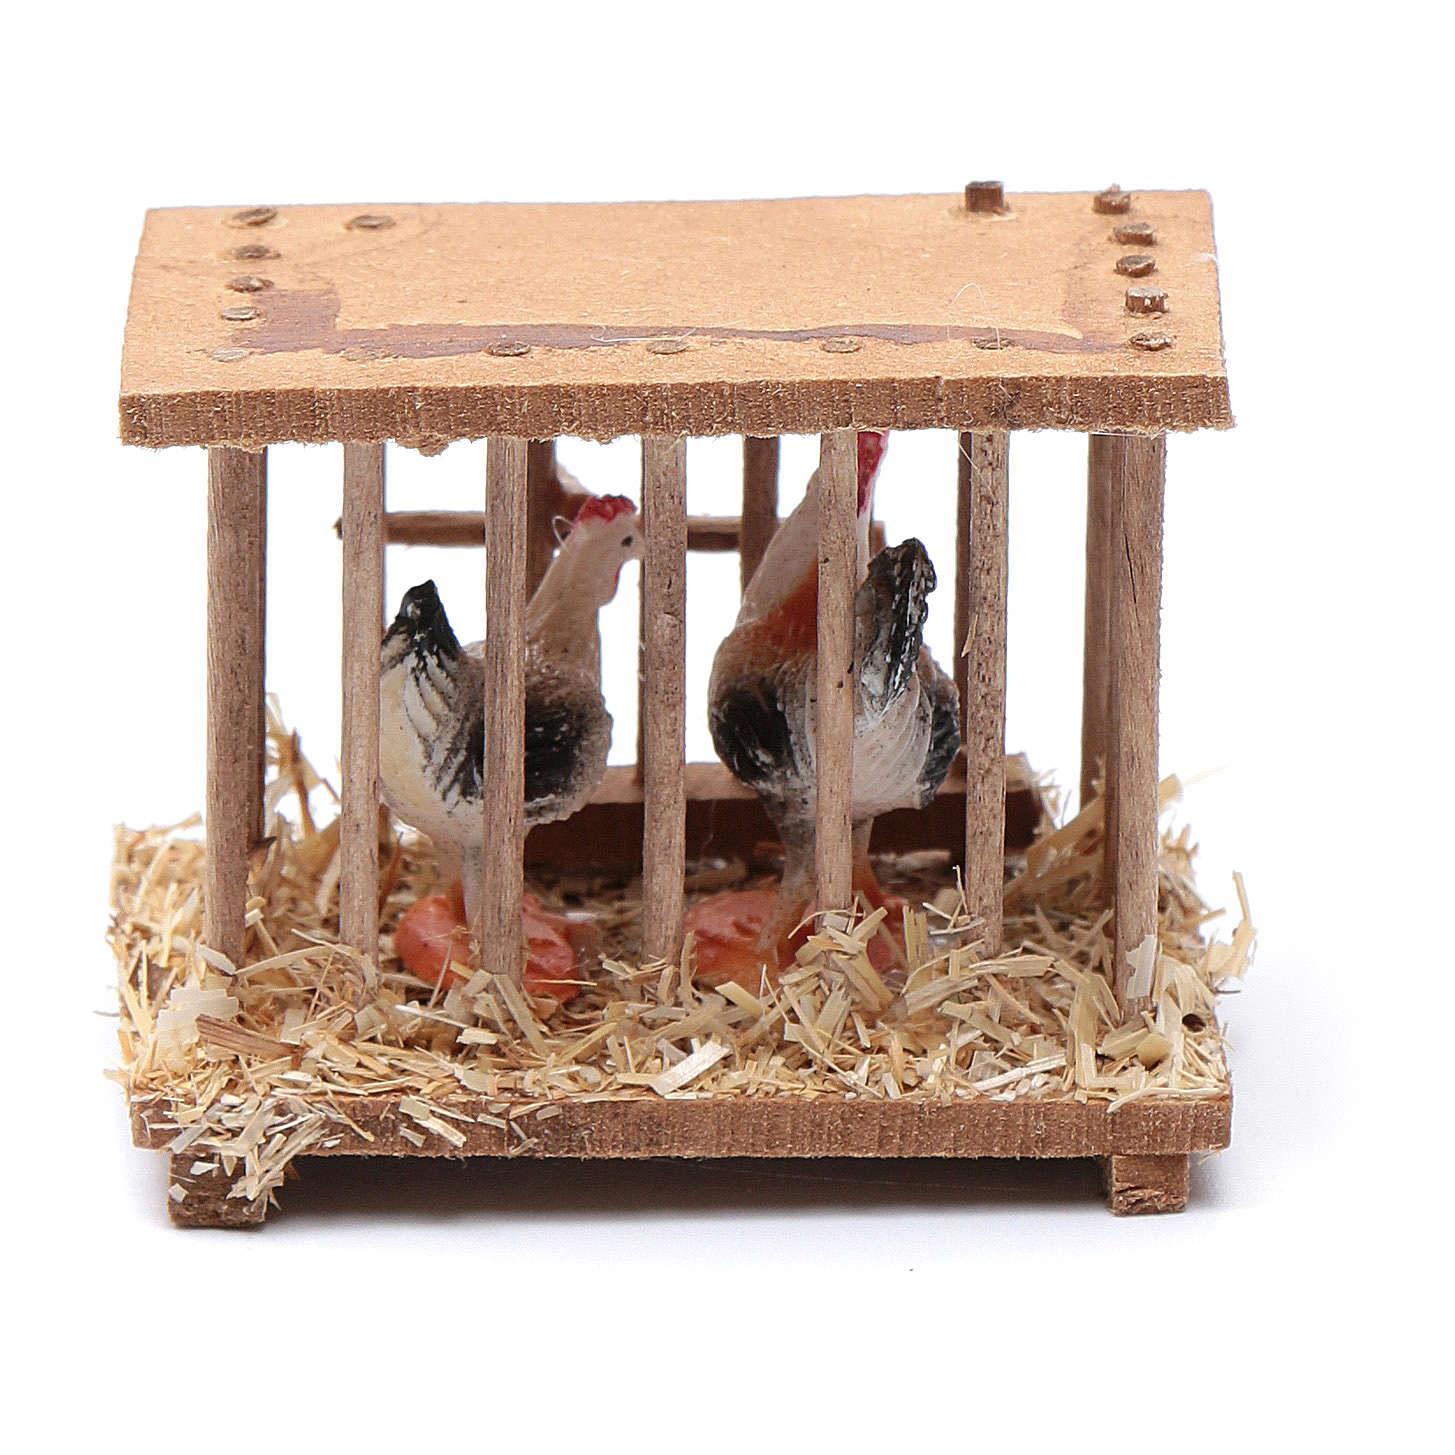 Cage en bois 5x5x3 cm crèche 4